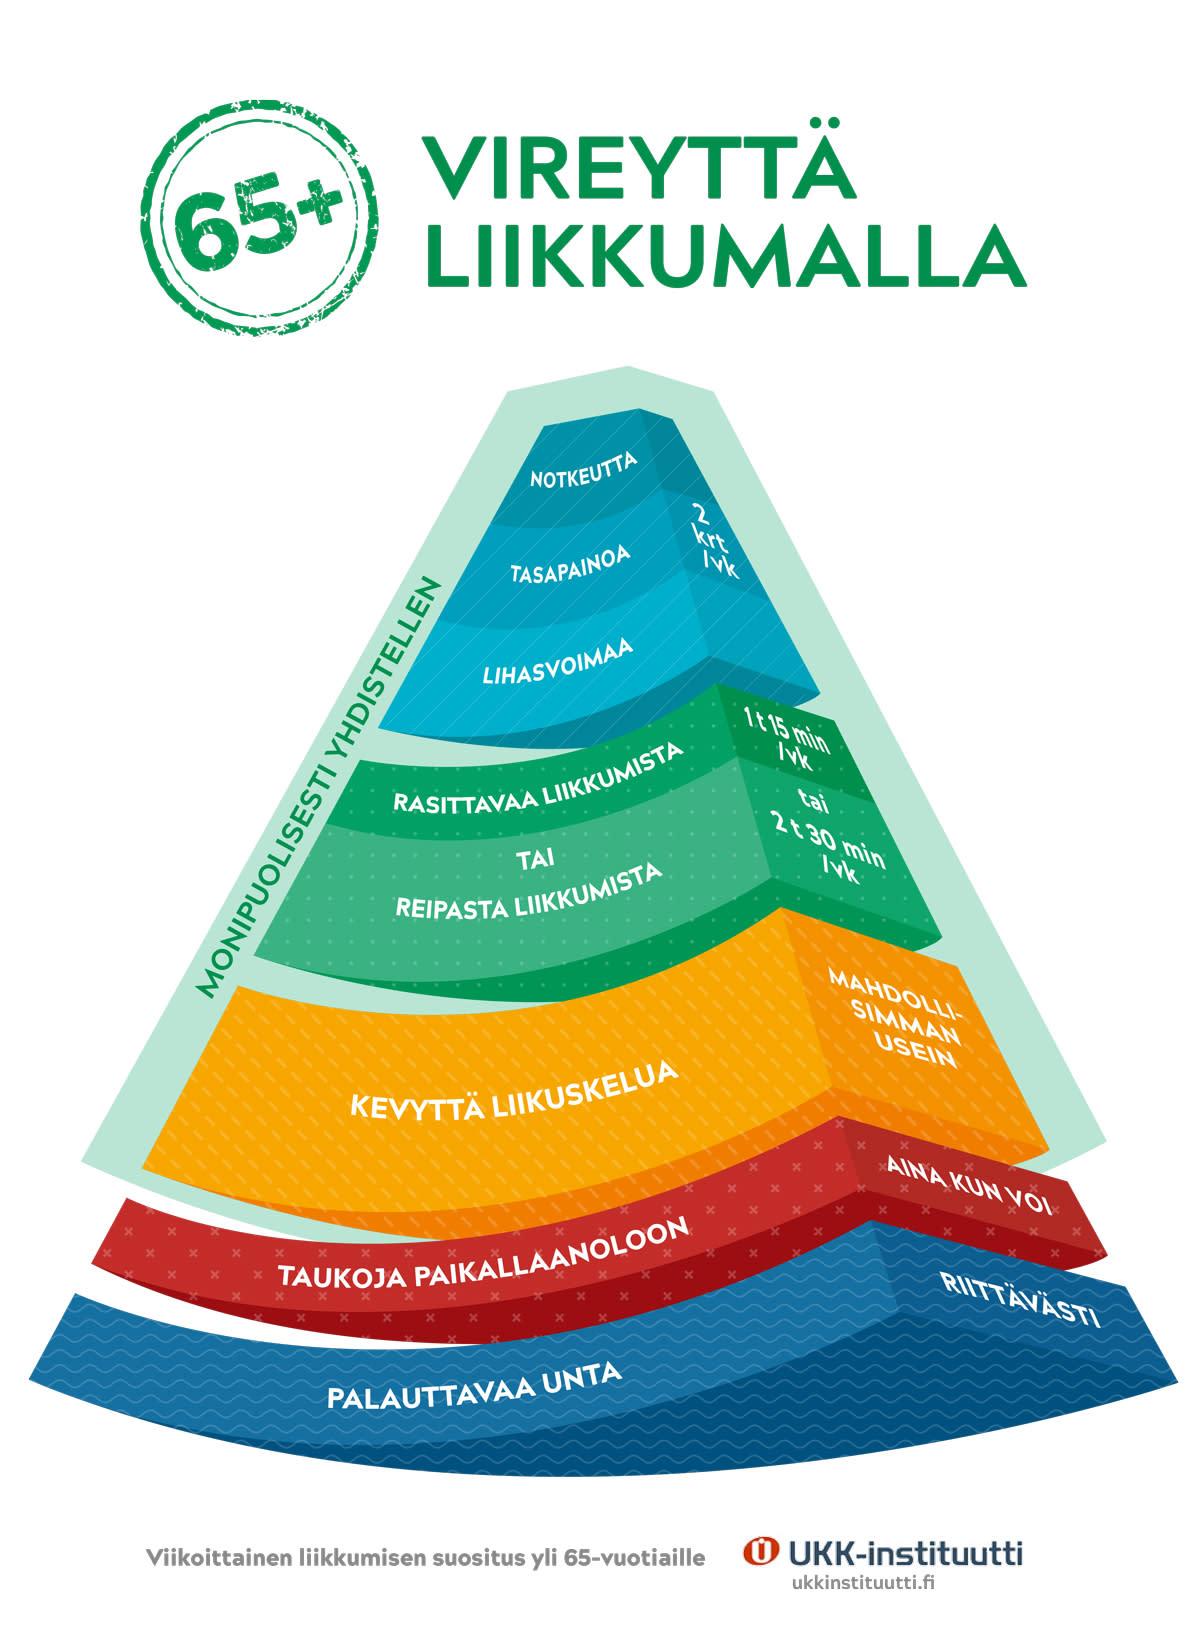 Ikäihmisten liikuntasuosispyramidi